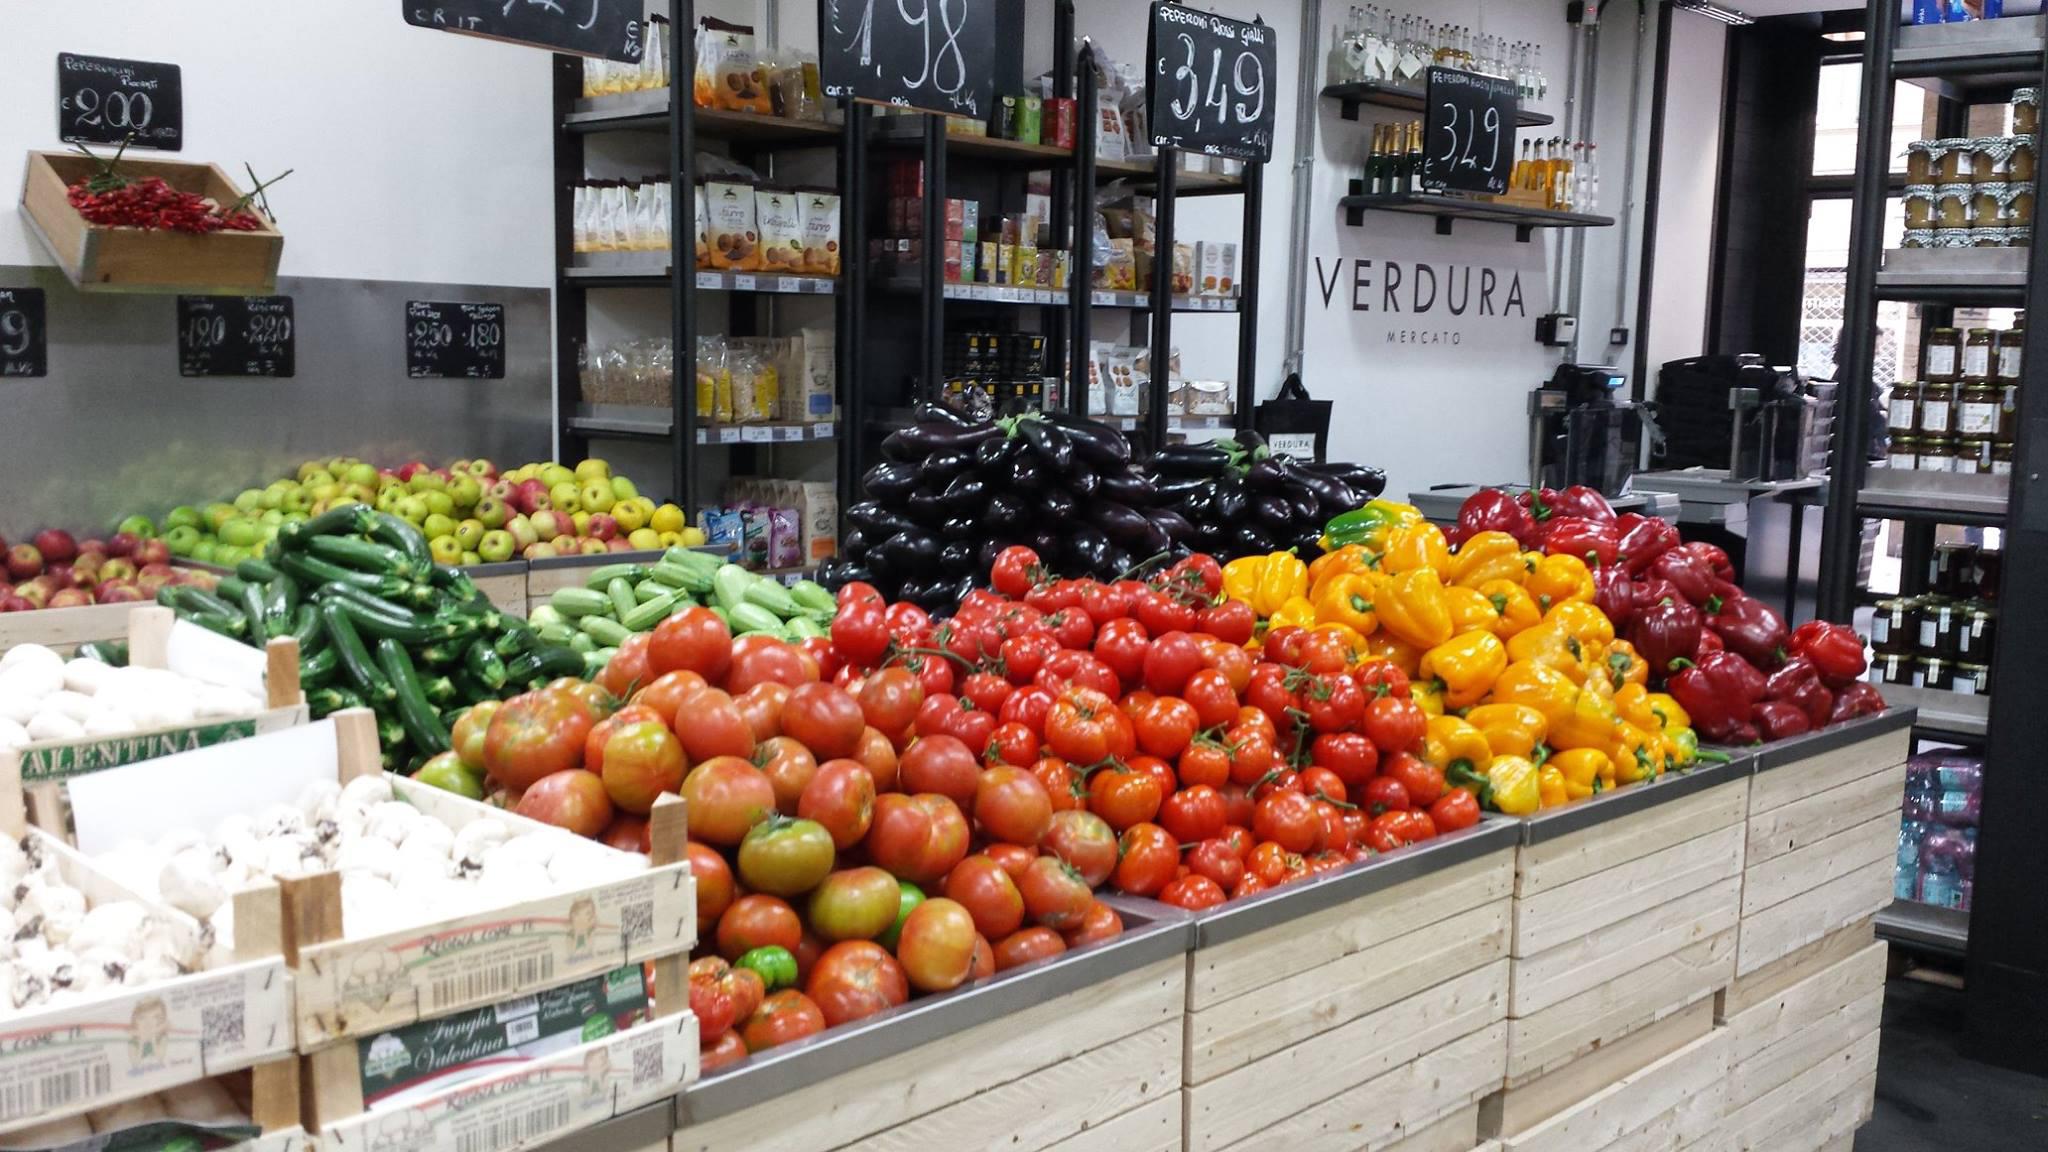 Verdura a bologna la boutique dell 39 ortofrutta con prezzi for Idee per arredare un negozio di frutta e verdura